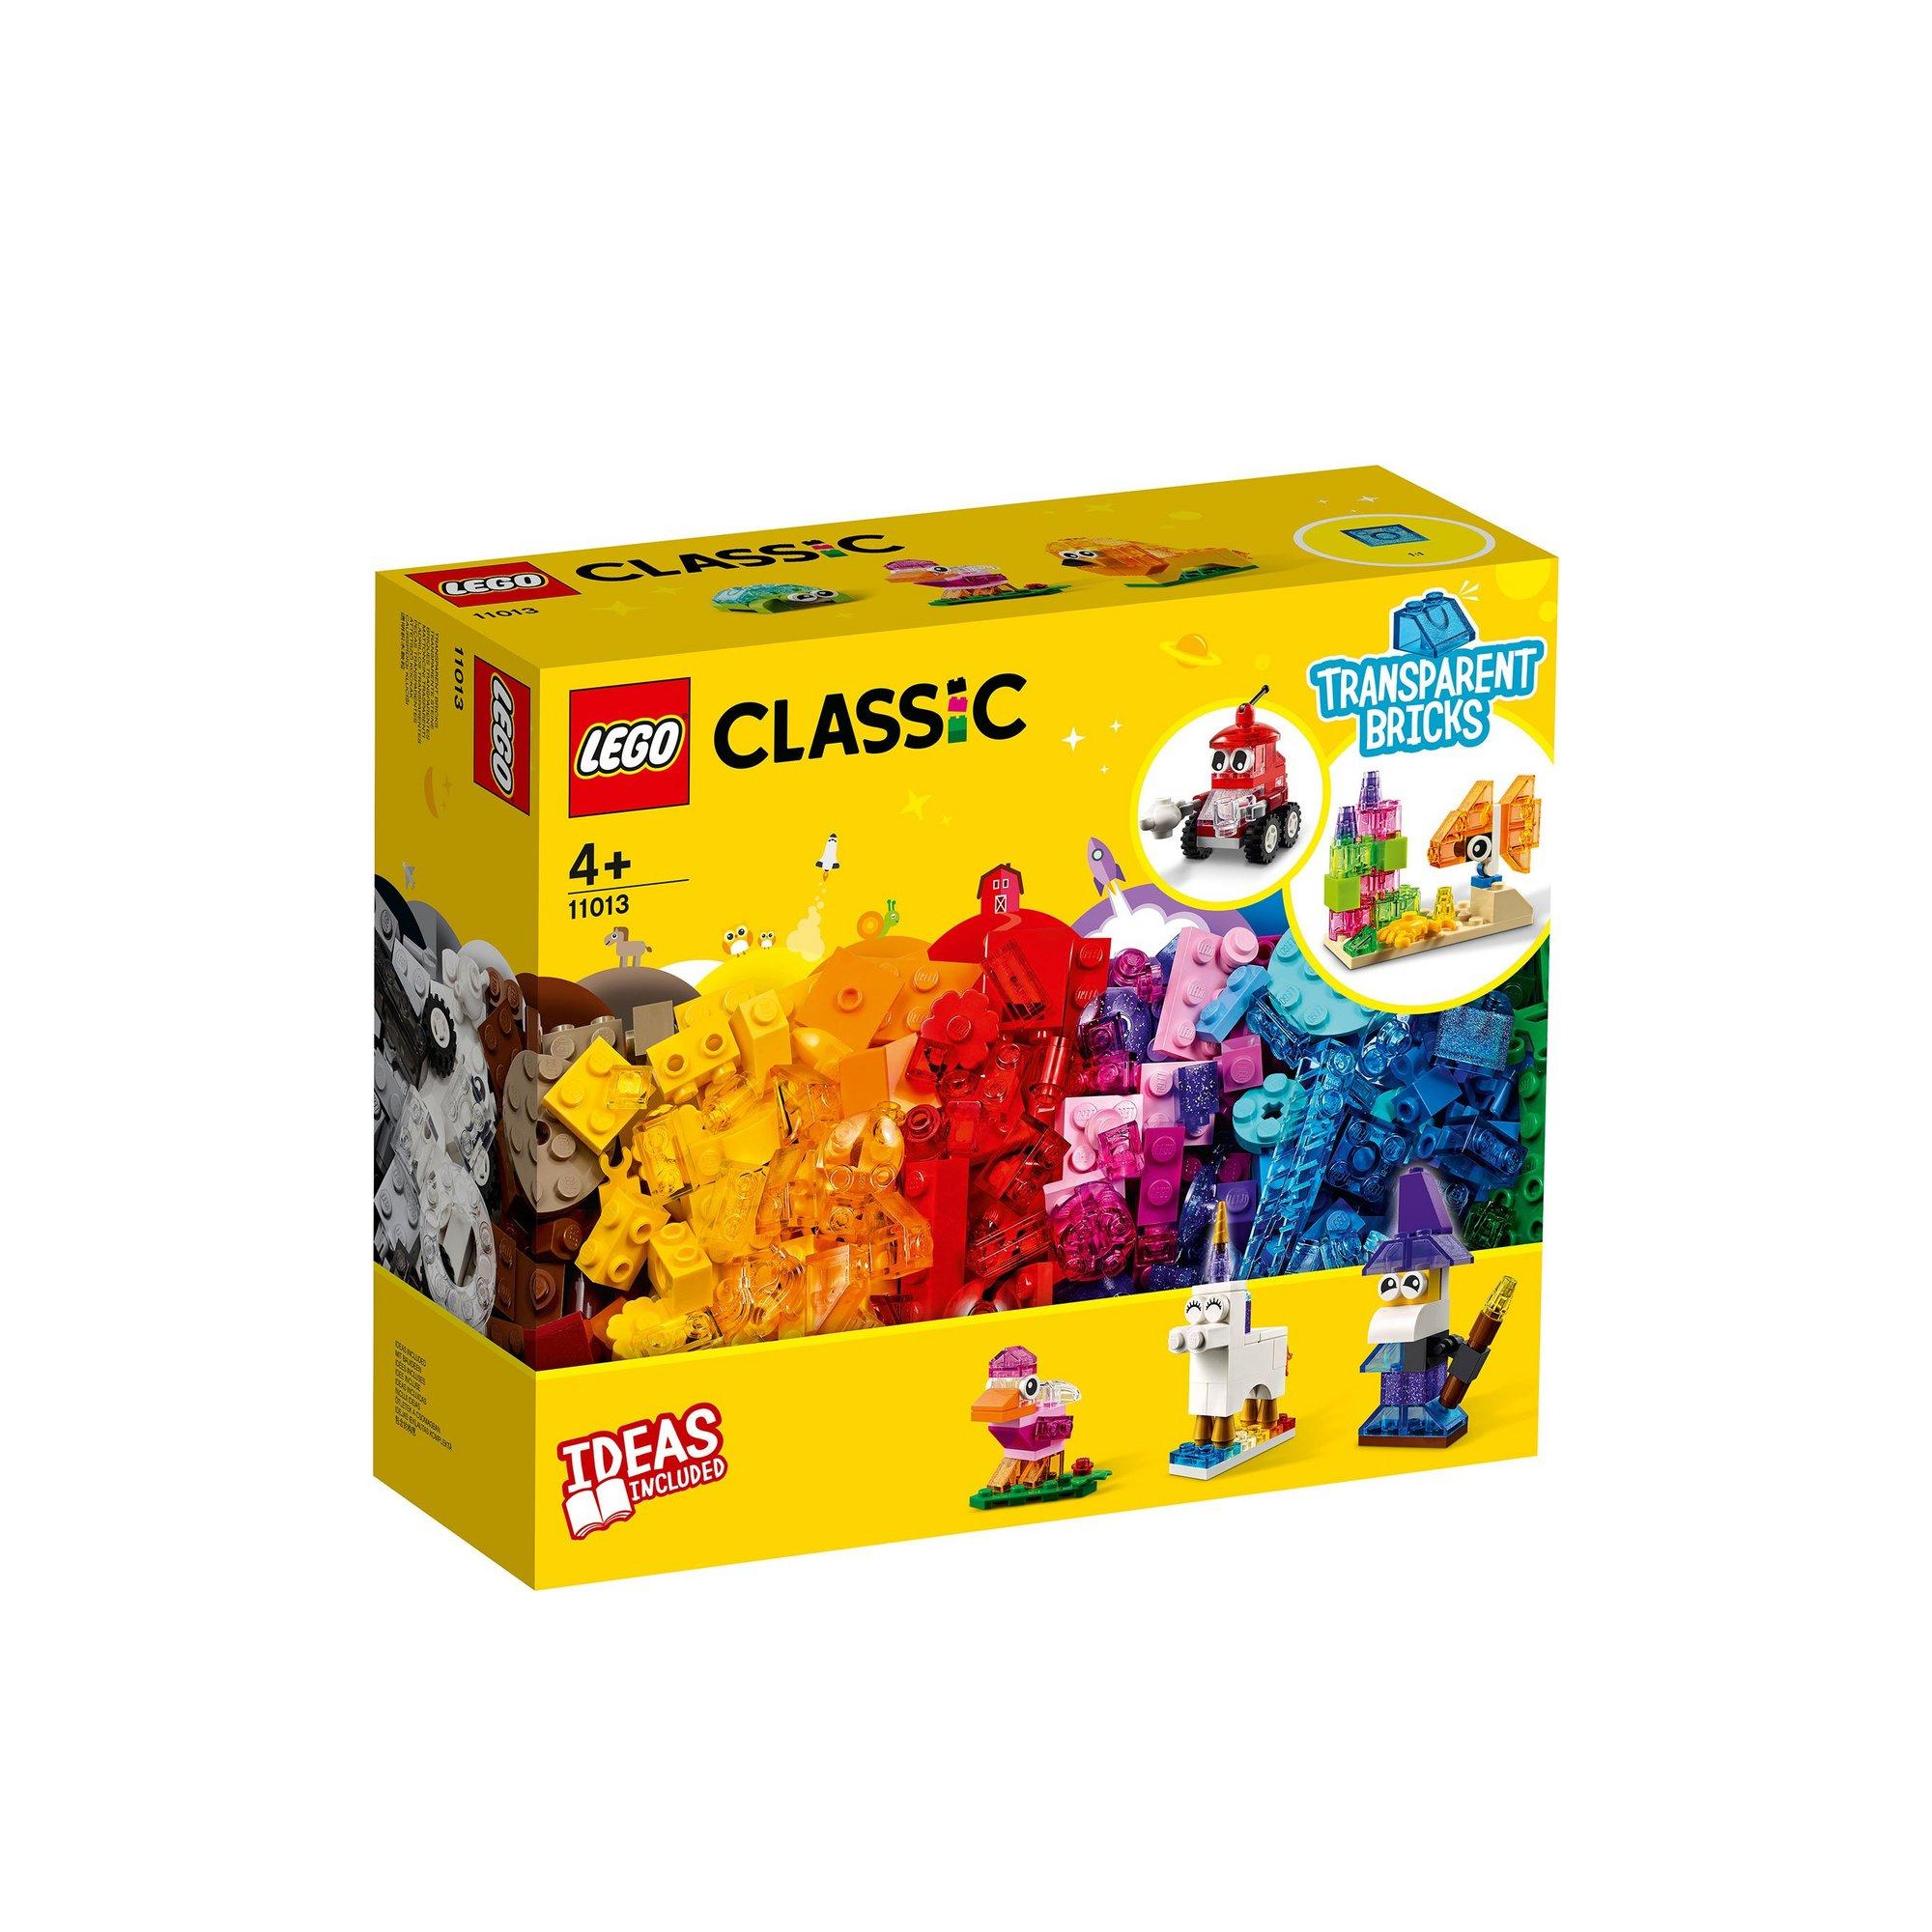 Image of LEGO Classic Creative Transparent Bricks